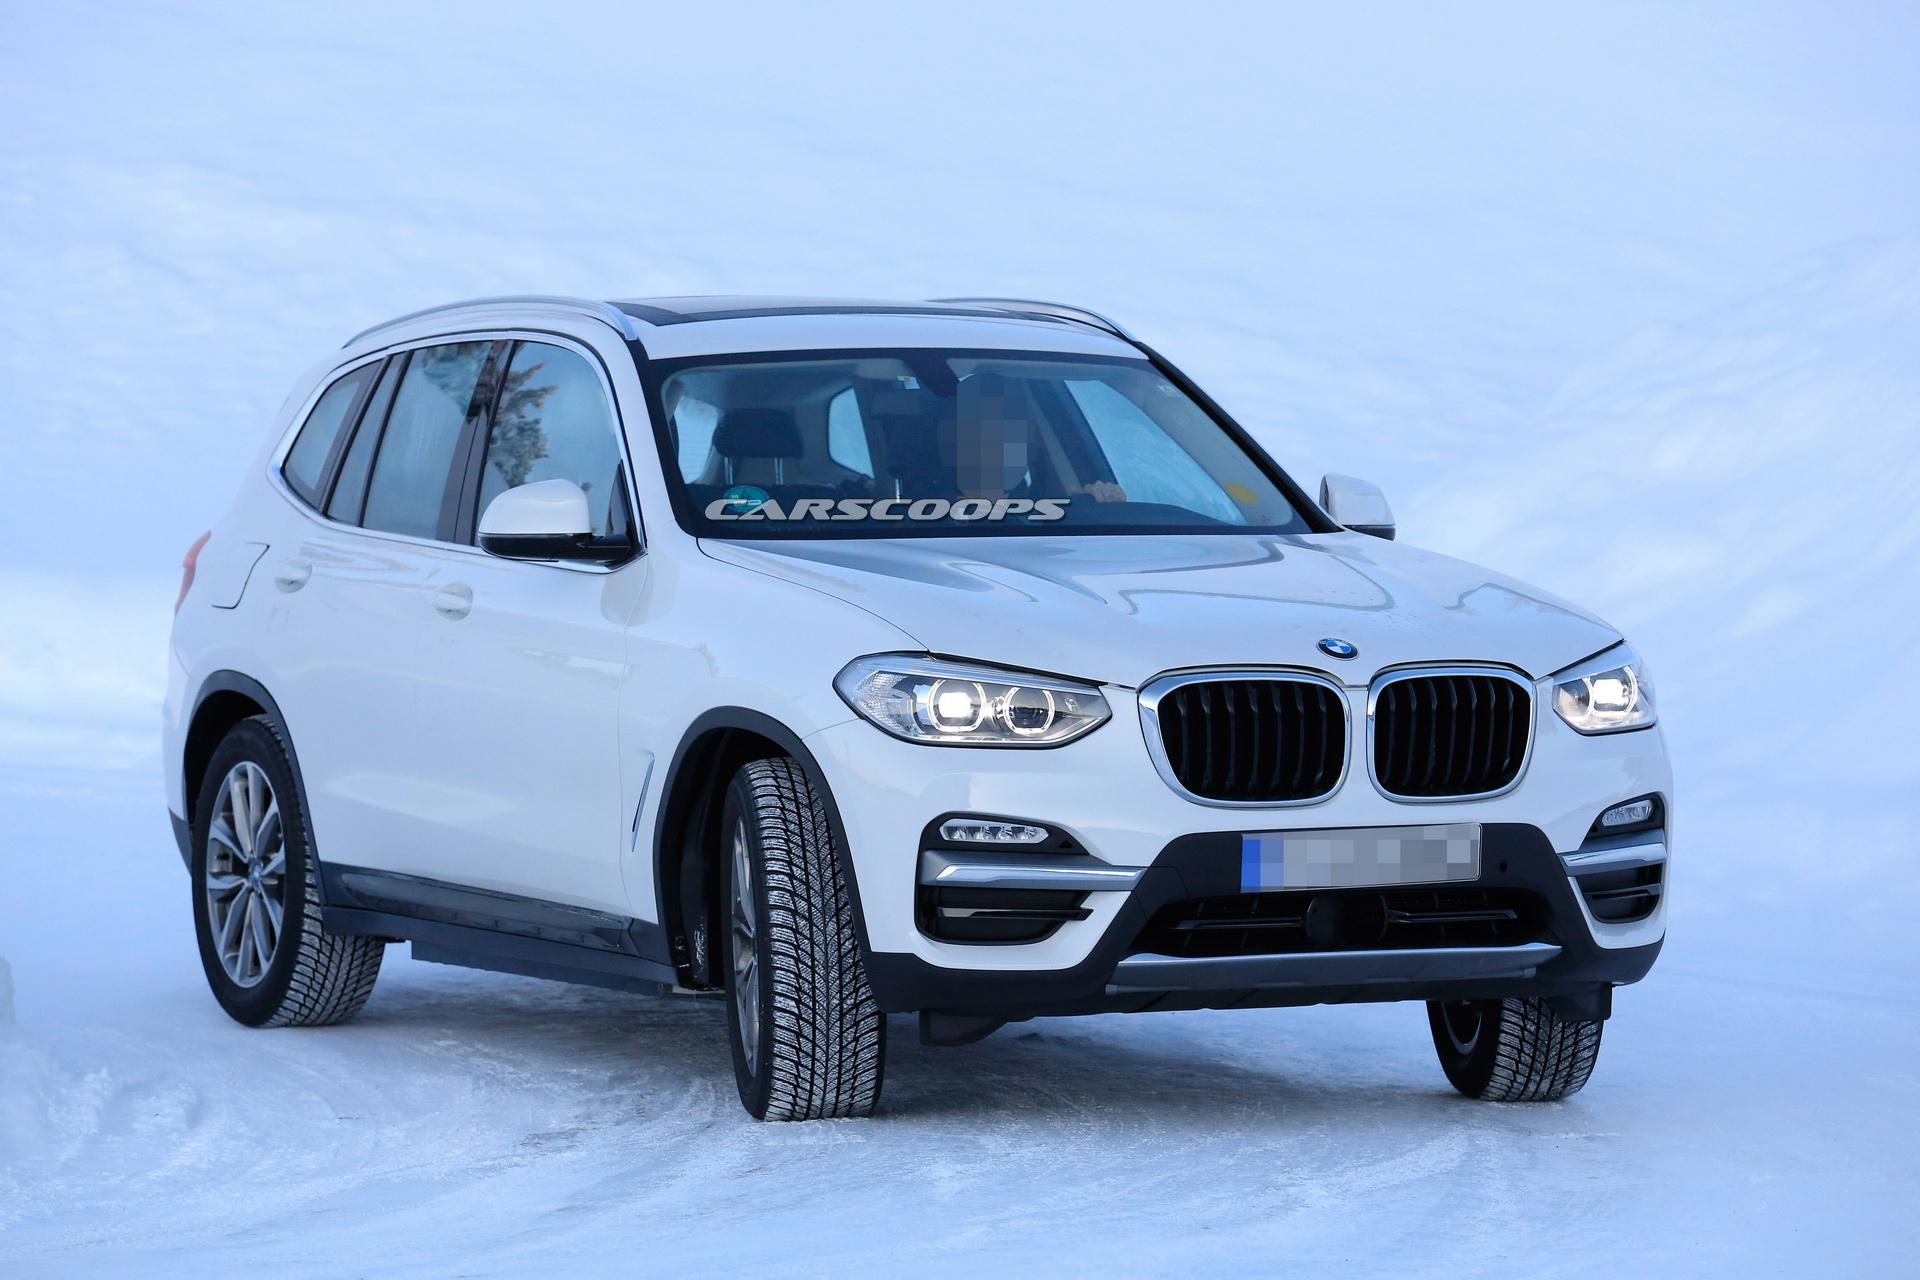 Стараниями папарацци в Интернете появились фотографии двух новых версий внедорожника BMW X3, оснащенных полностью электрическими силовыми установками